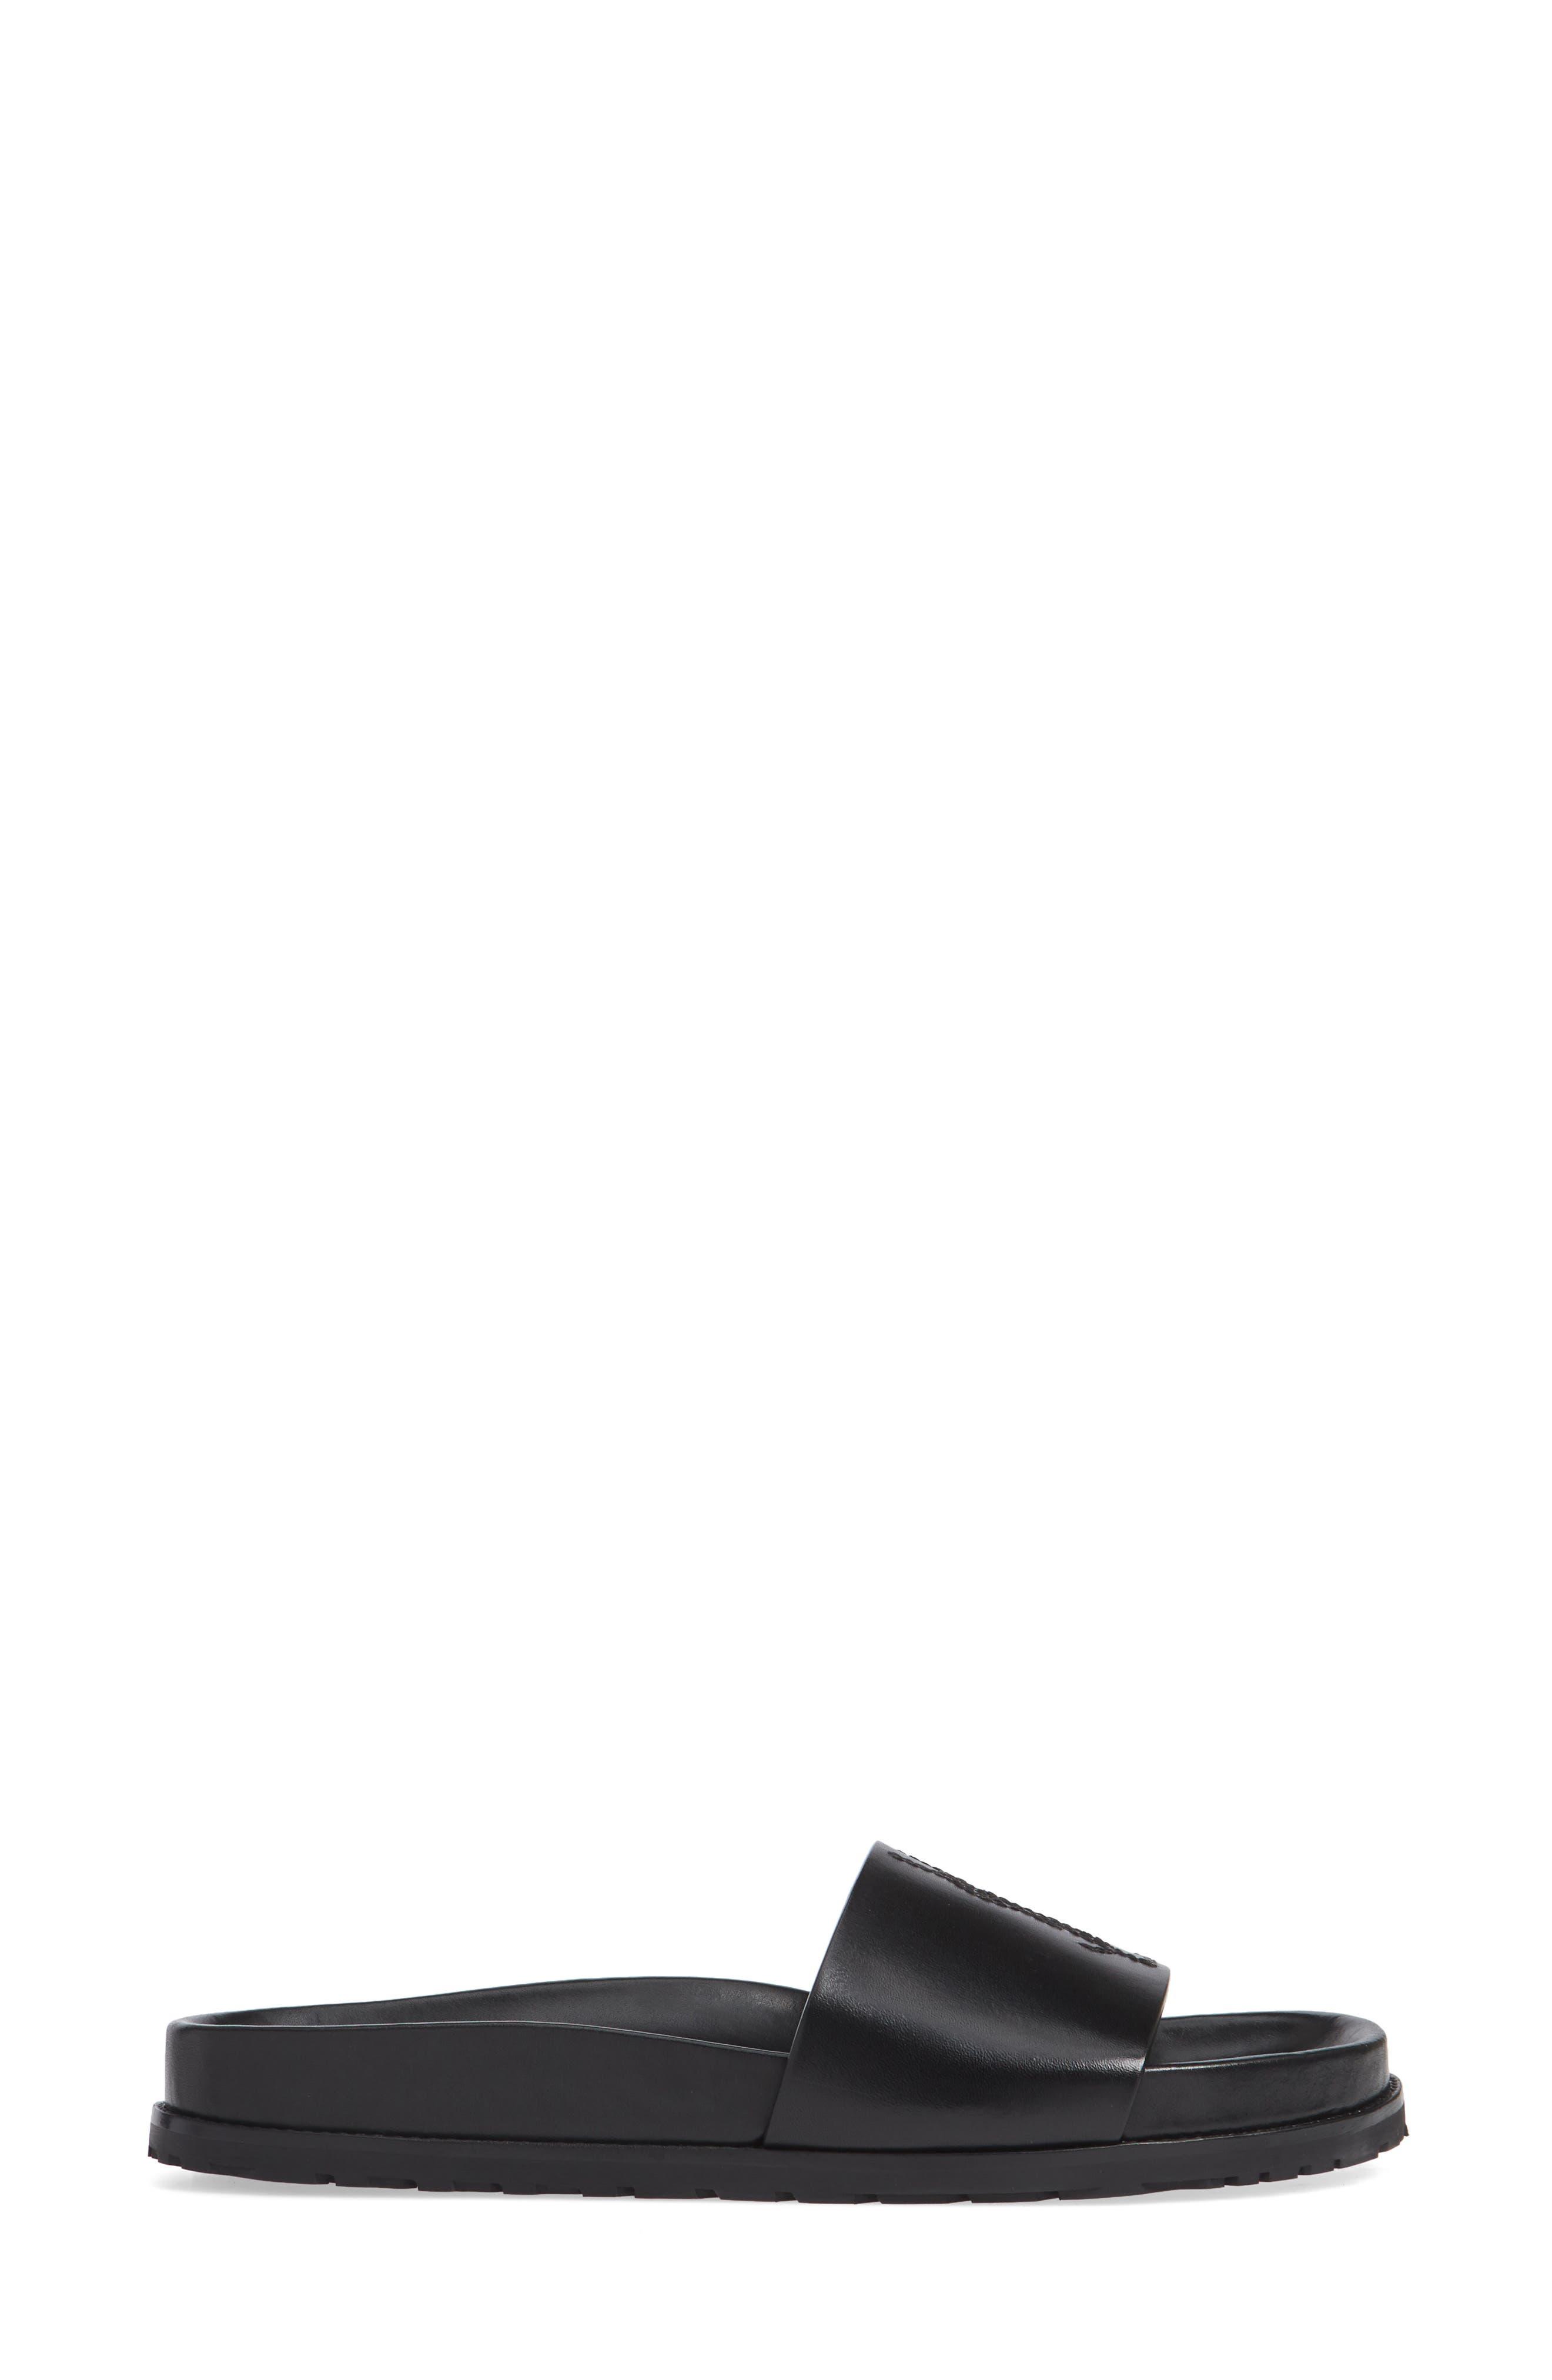 Joan Slide Sandal,                             Alternate thumbnail 3, color,                             BLACK